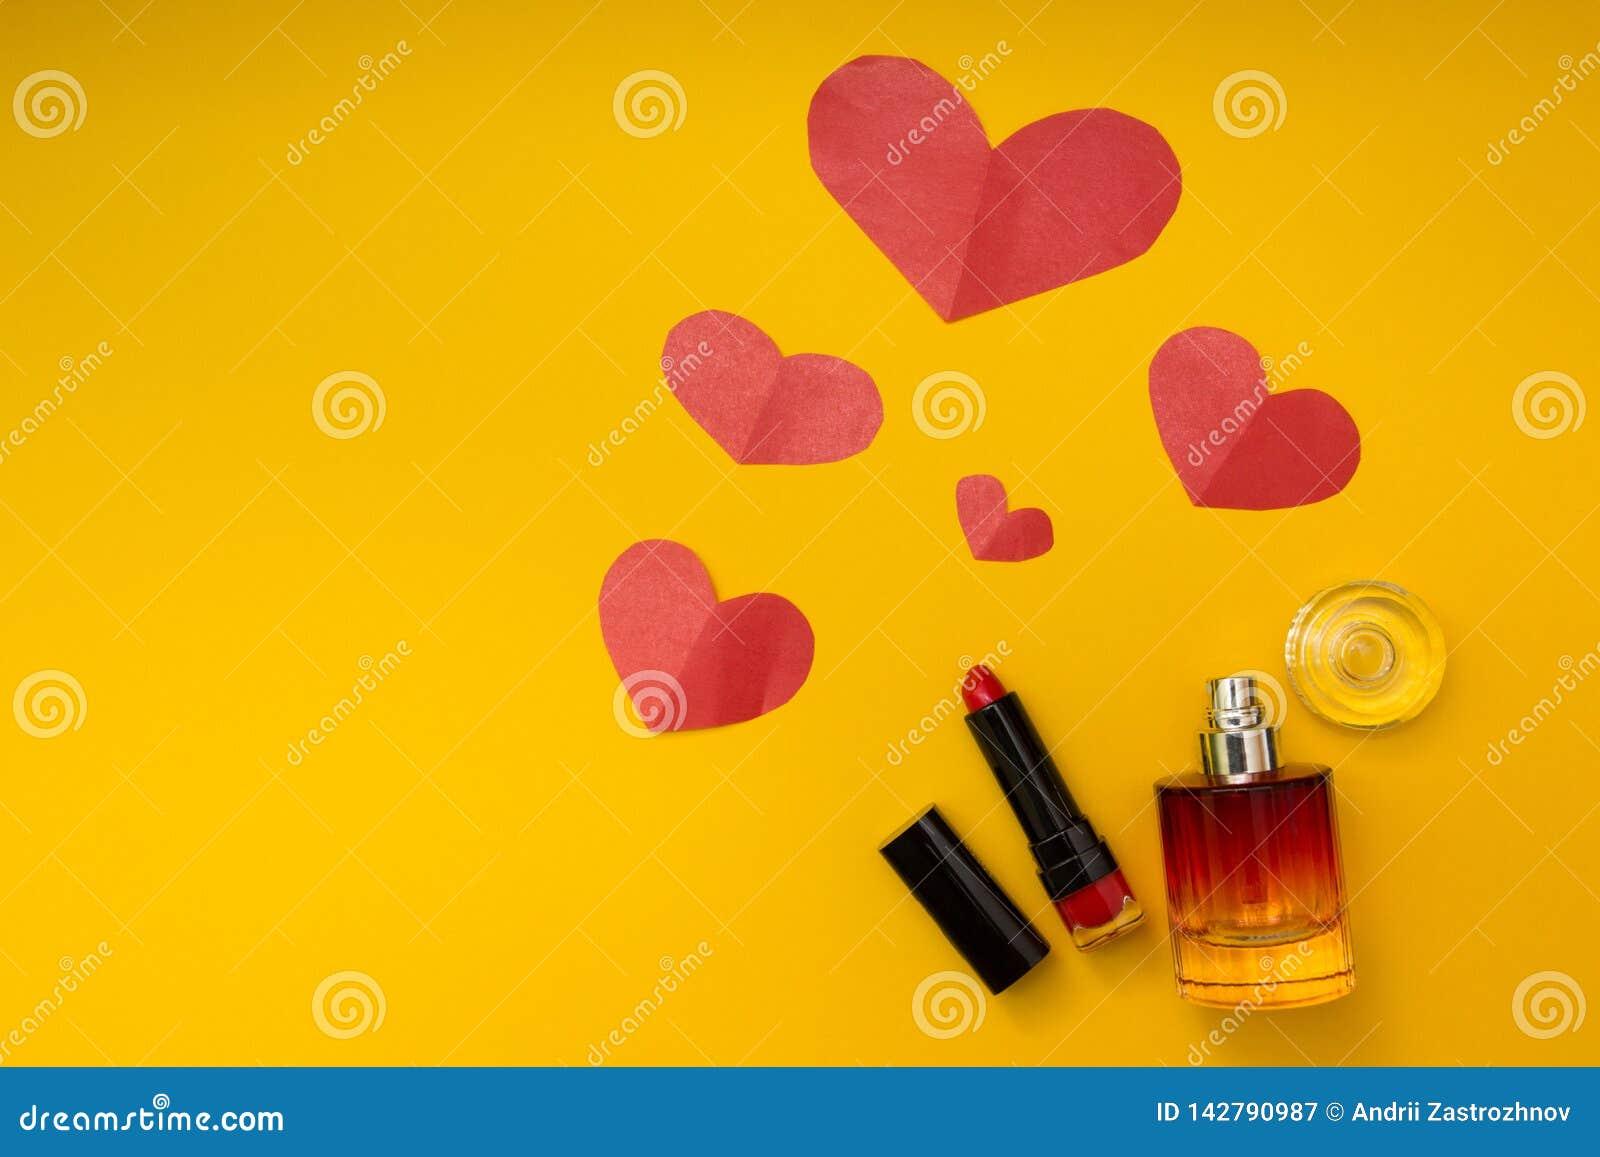 Coeur, rouge à lèvres et parfum sur un fond jaune